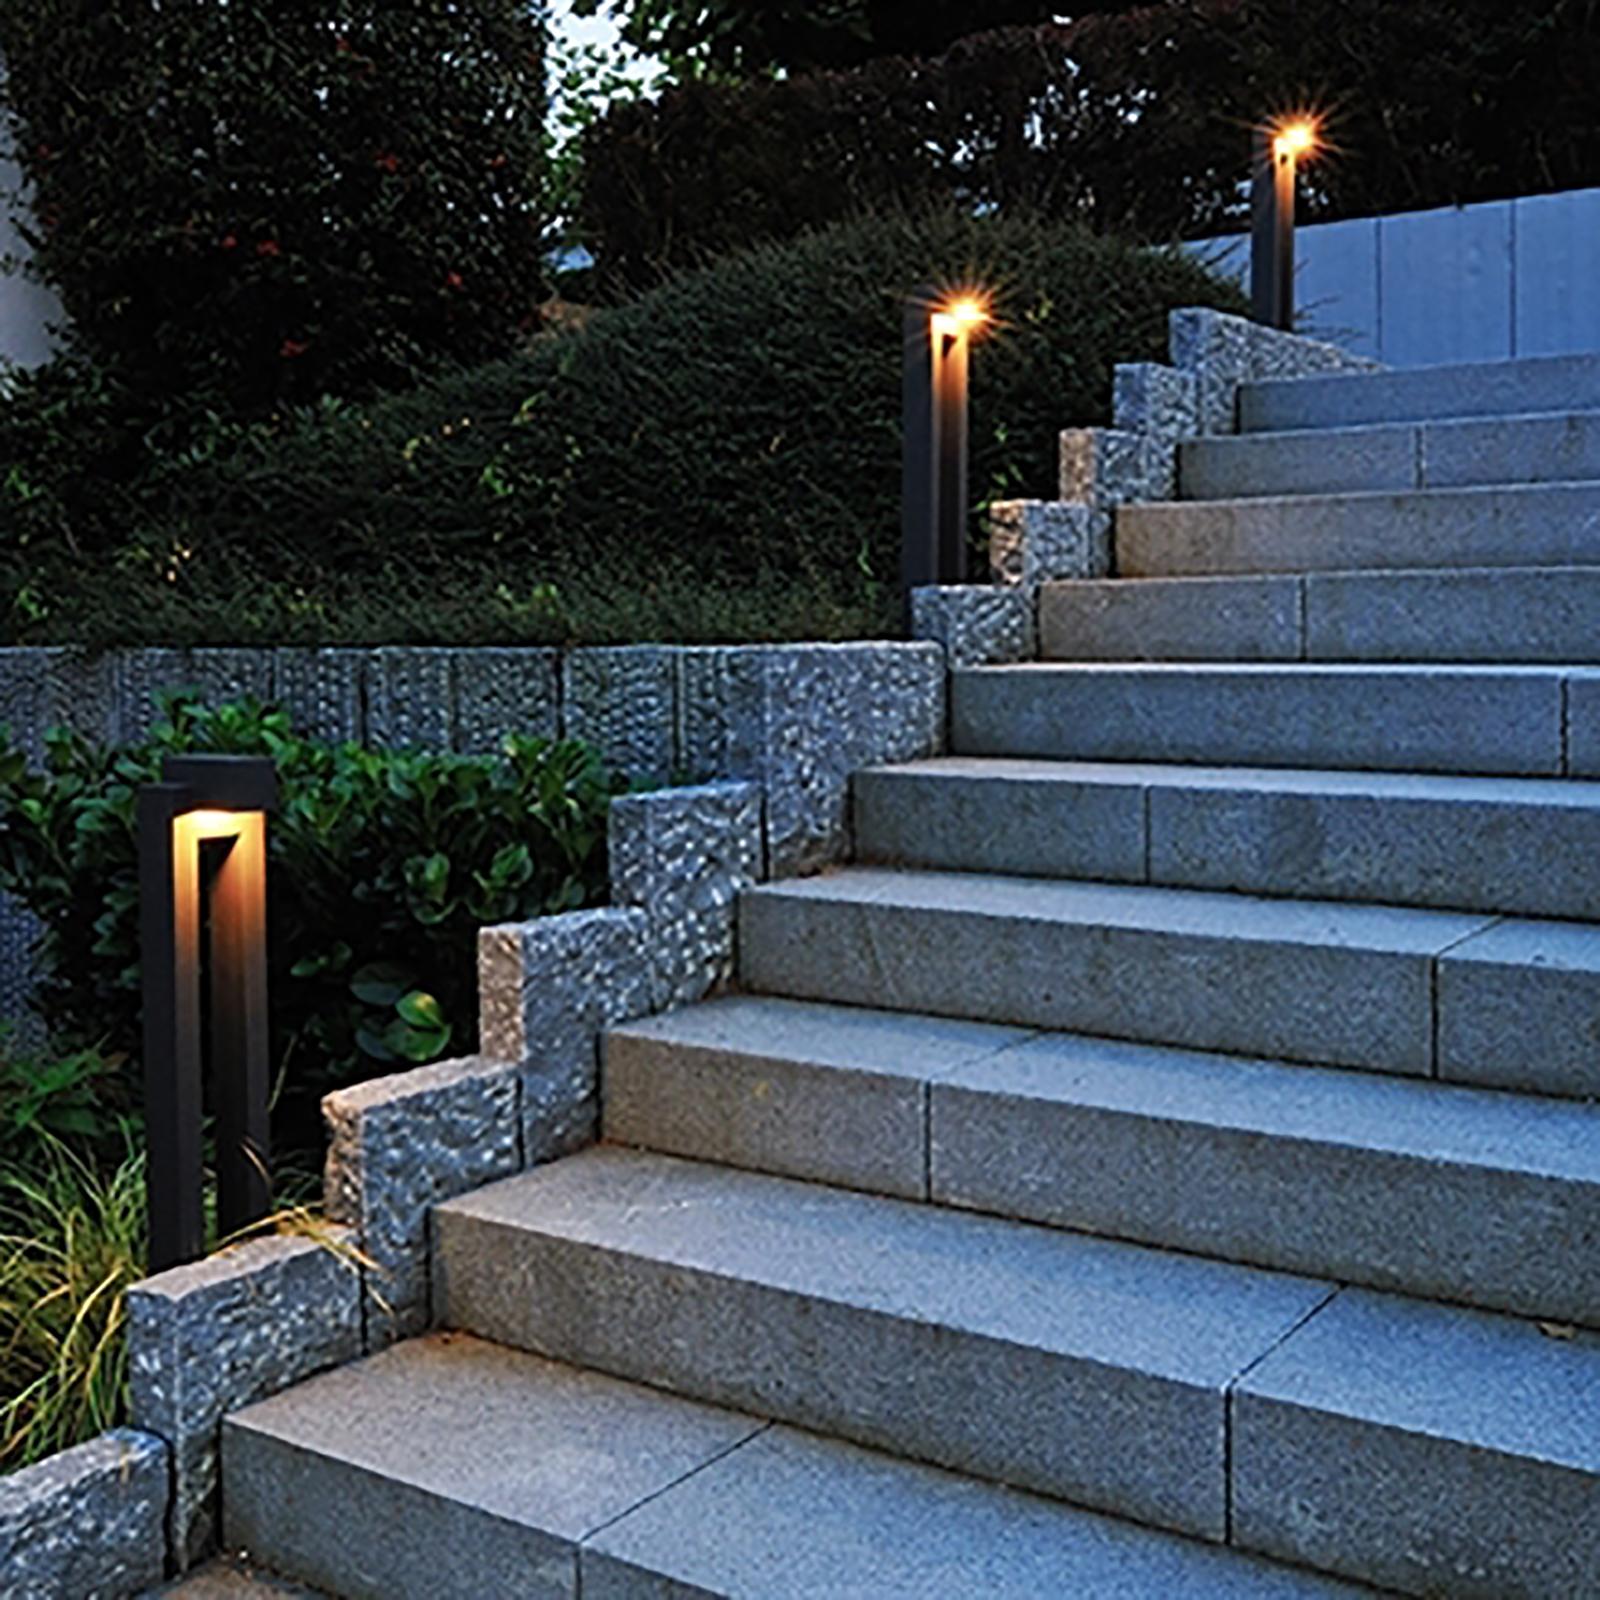 Pali lampioni e faretti da giardino prova sito for Esterni per giardino